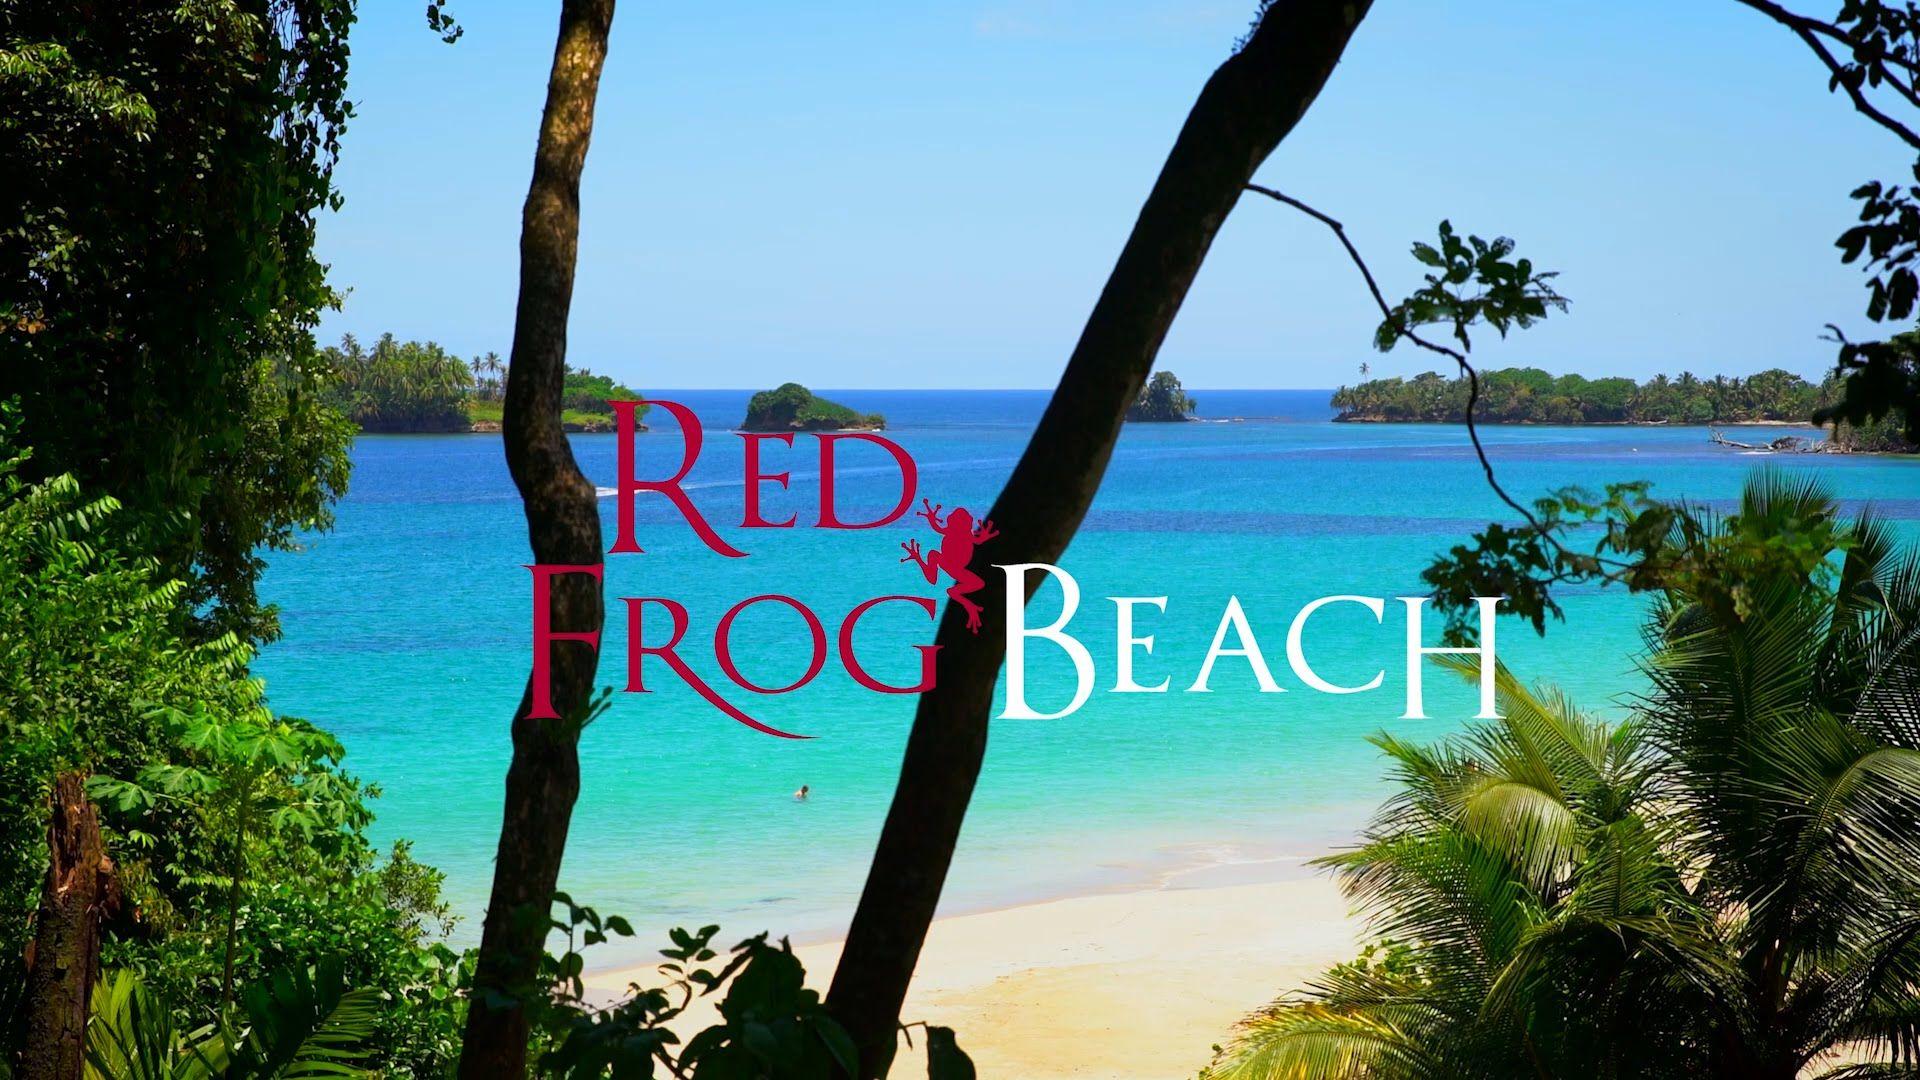 Red Frog Beach Real Estate Bocas Del Toro Panama Toros